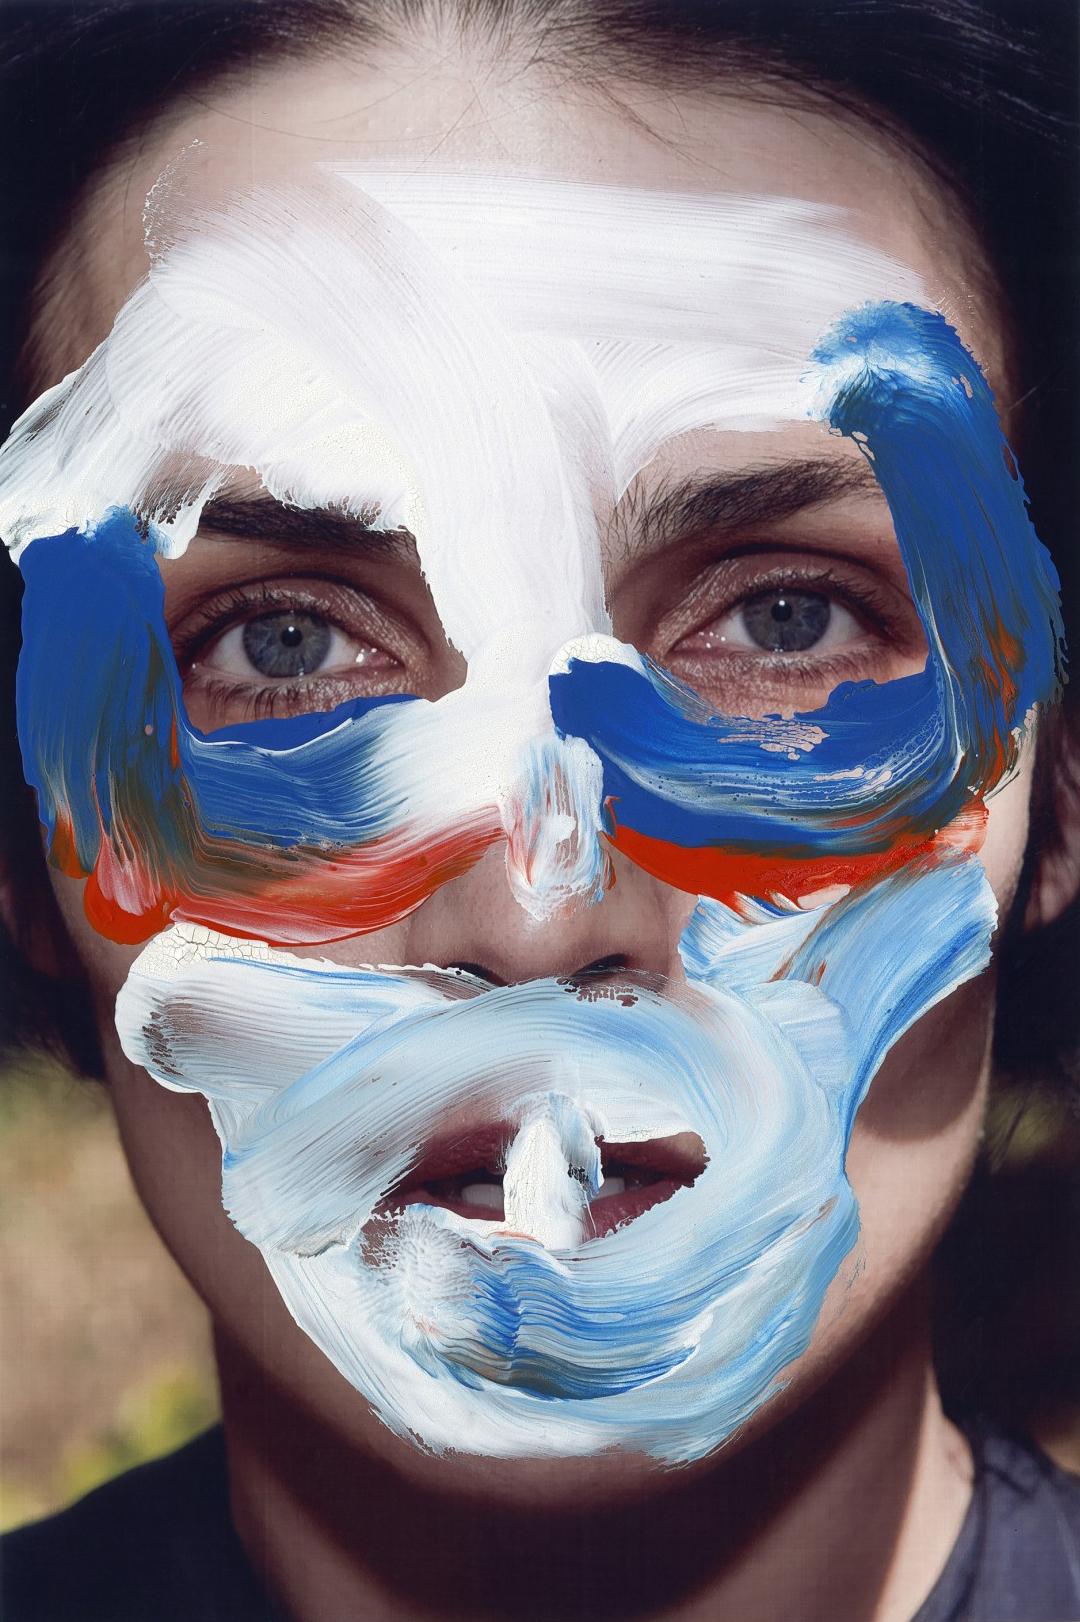 Quand Viviane Sassen se met au body painting